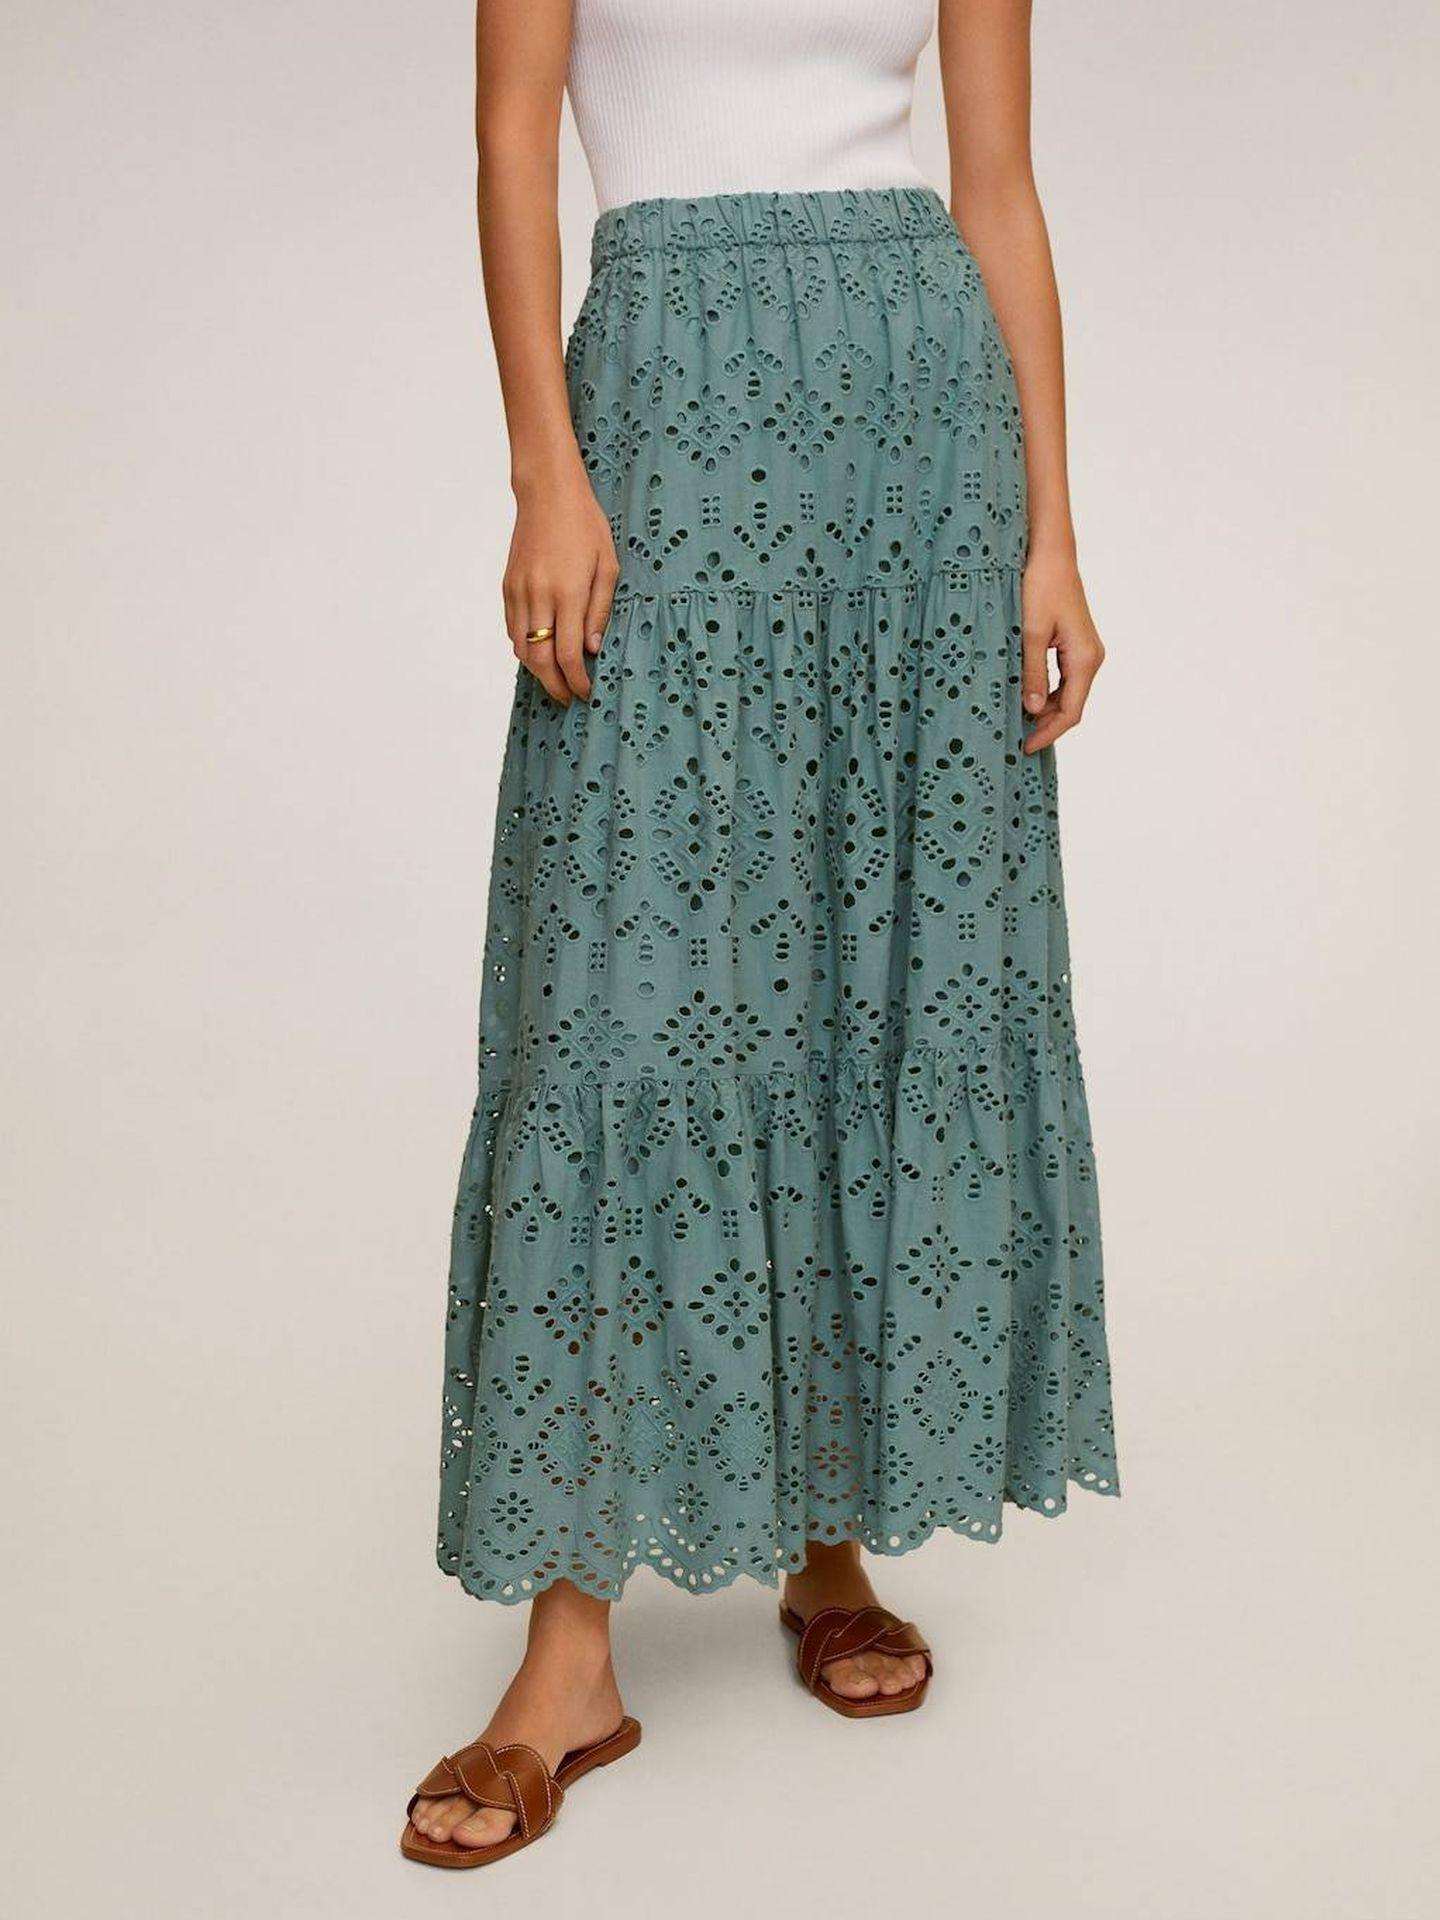 La falda larga calada de Mango Outlet. (Cortesía)